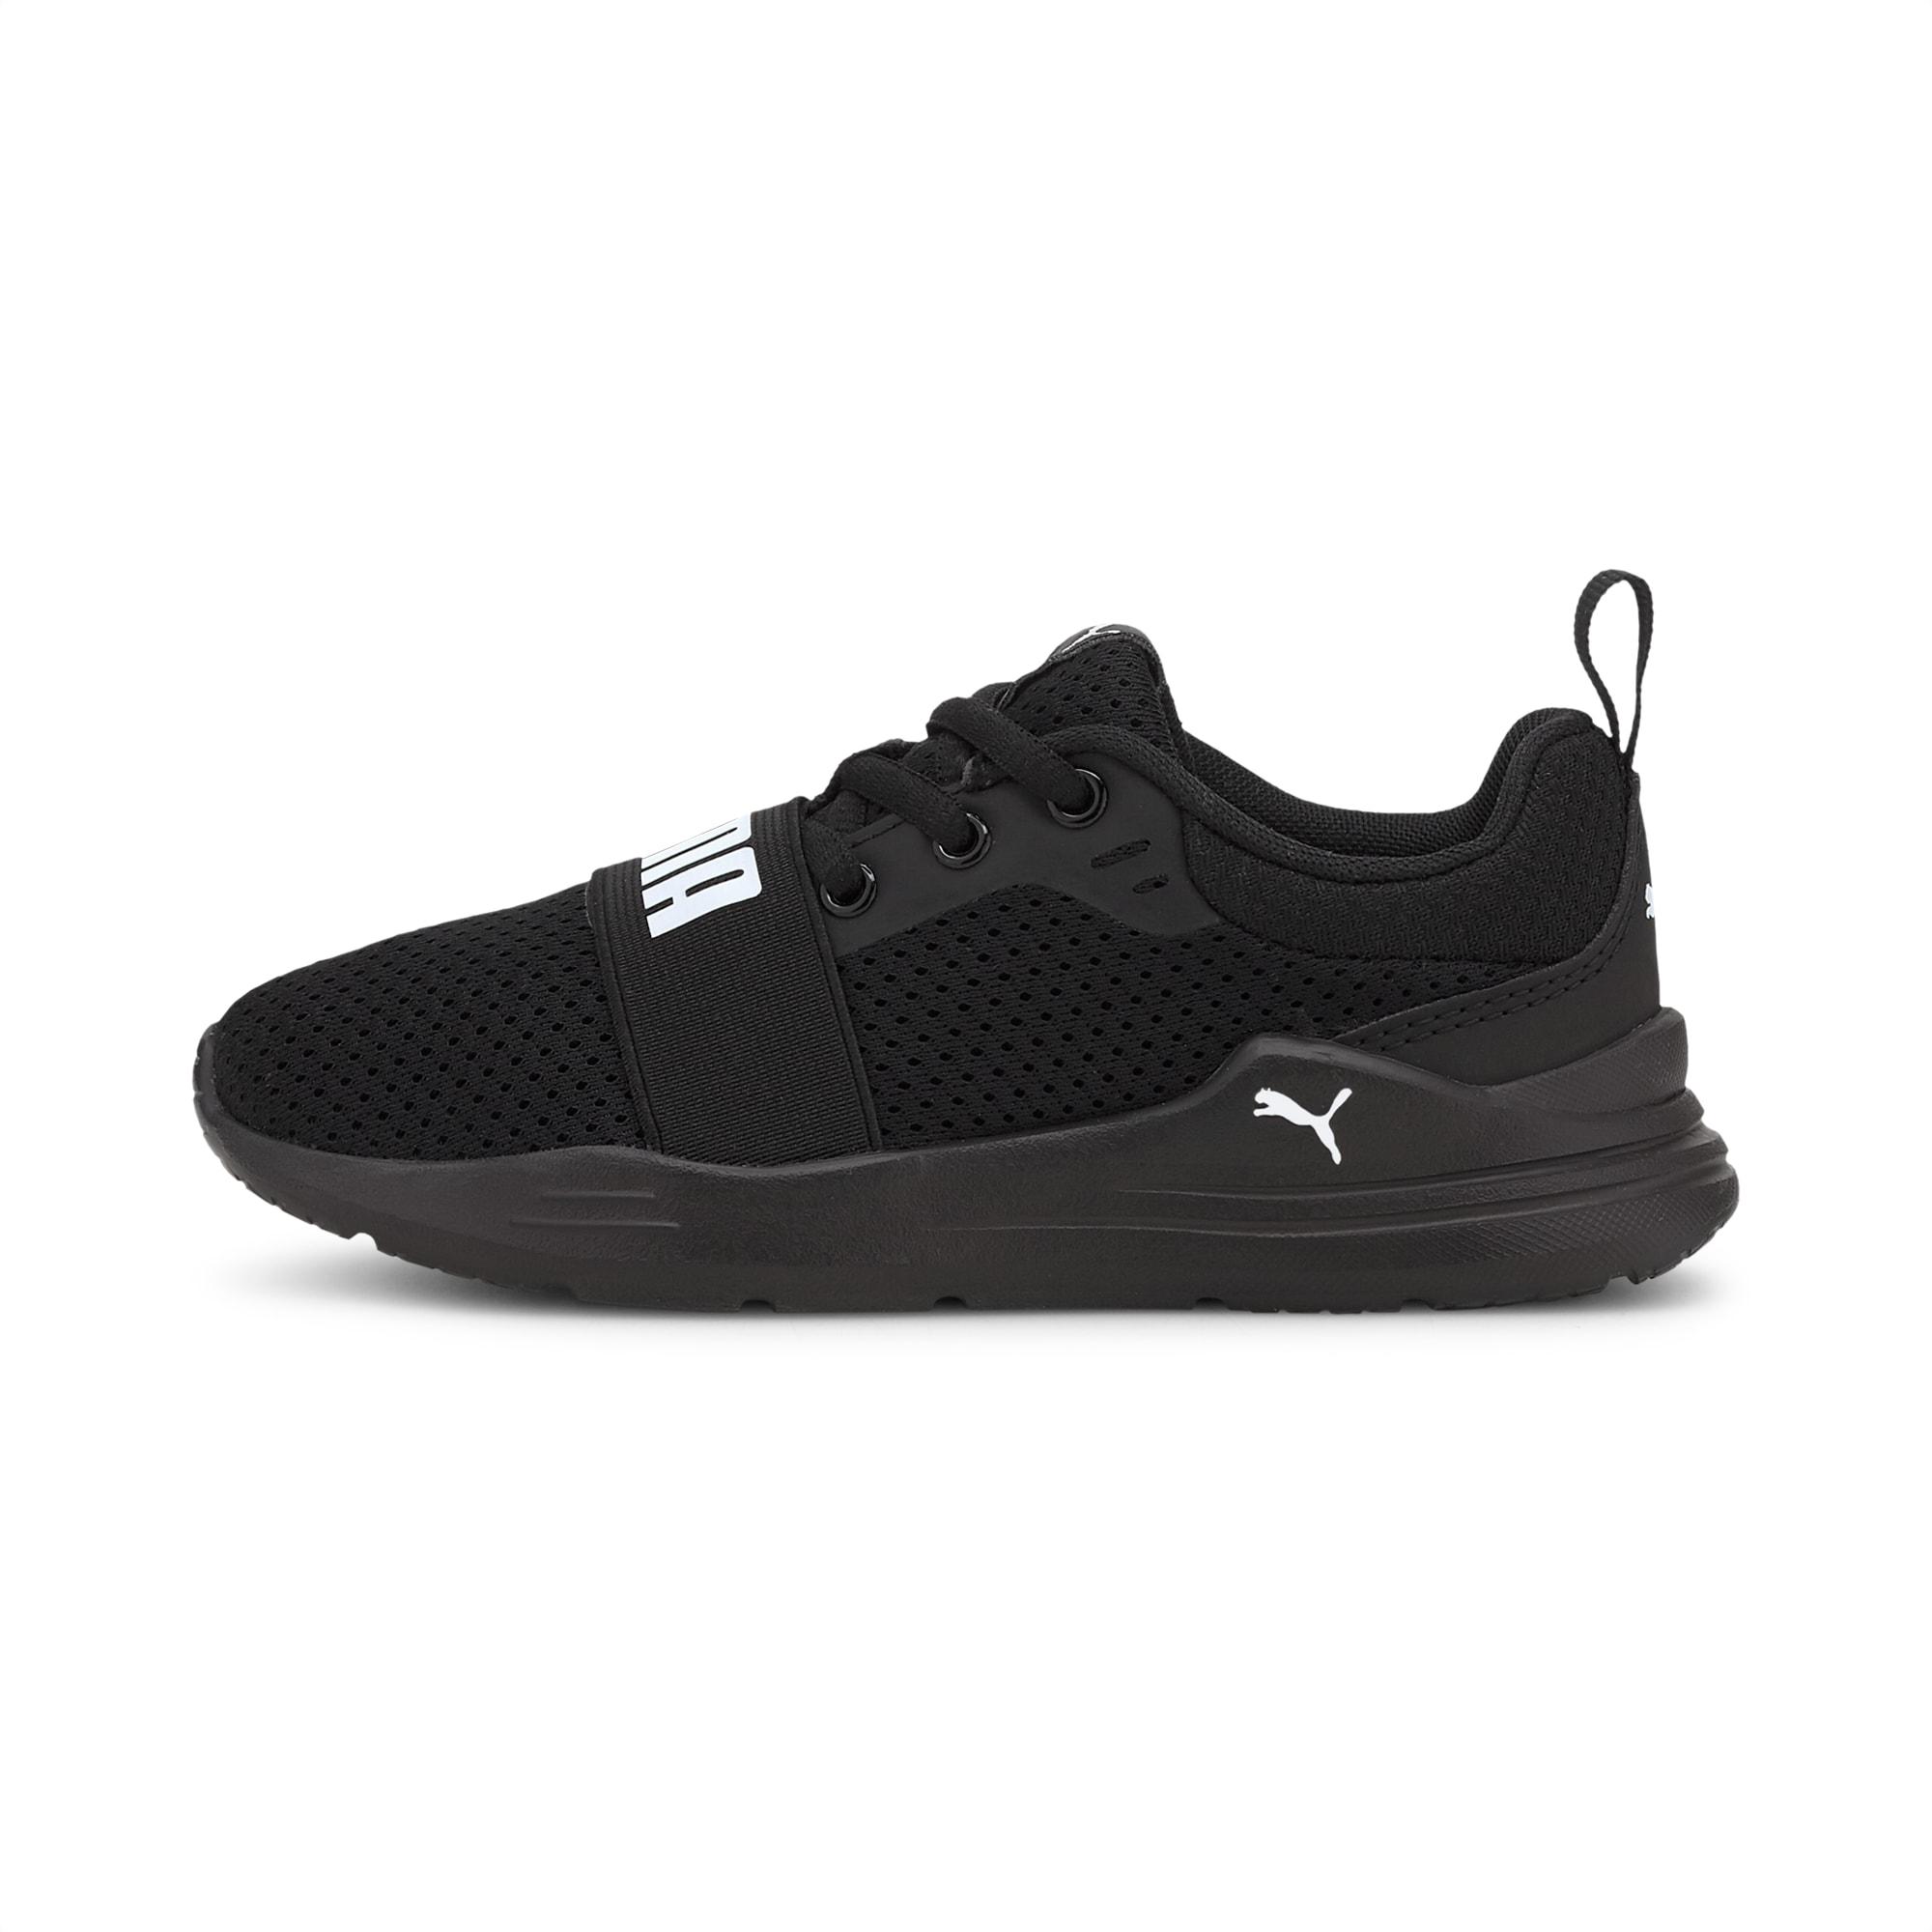 PUMA Wired Run Kinder Sneaker Schuhe | Schwarz | Größe: 27.5